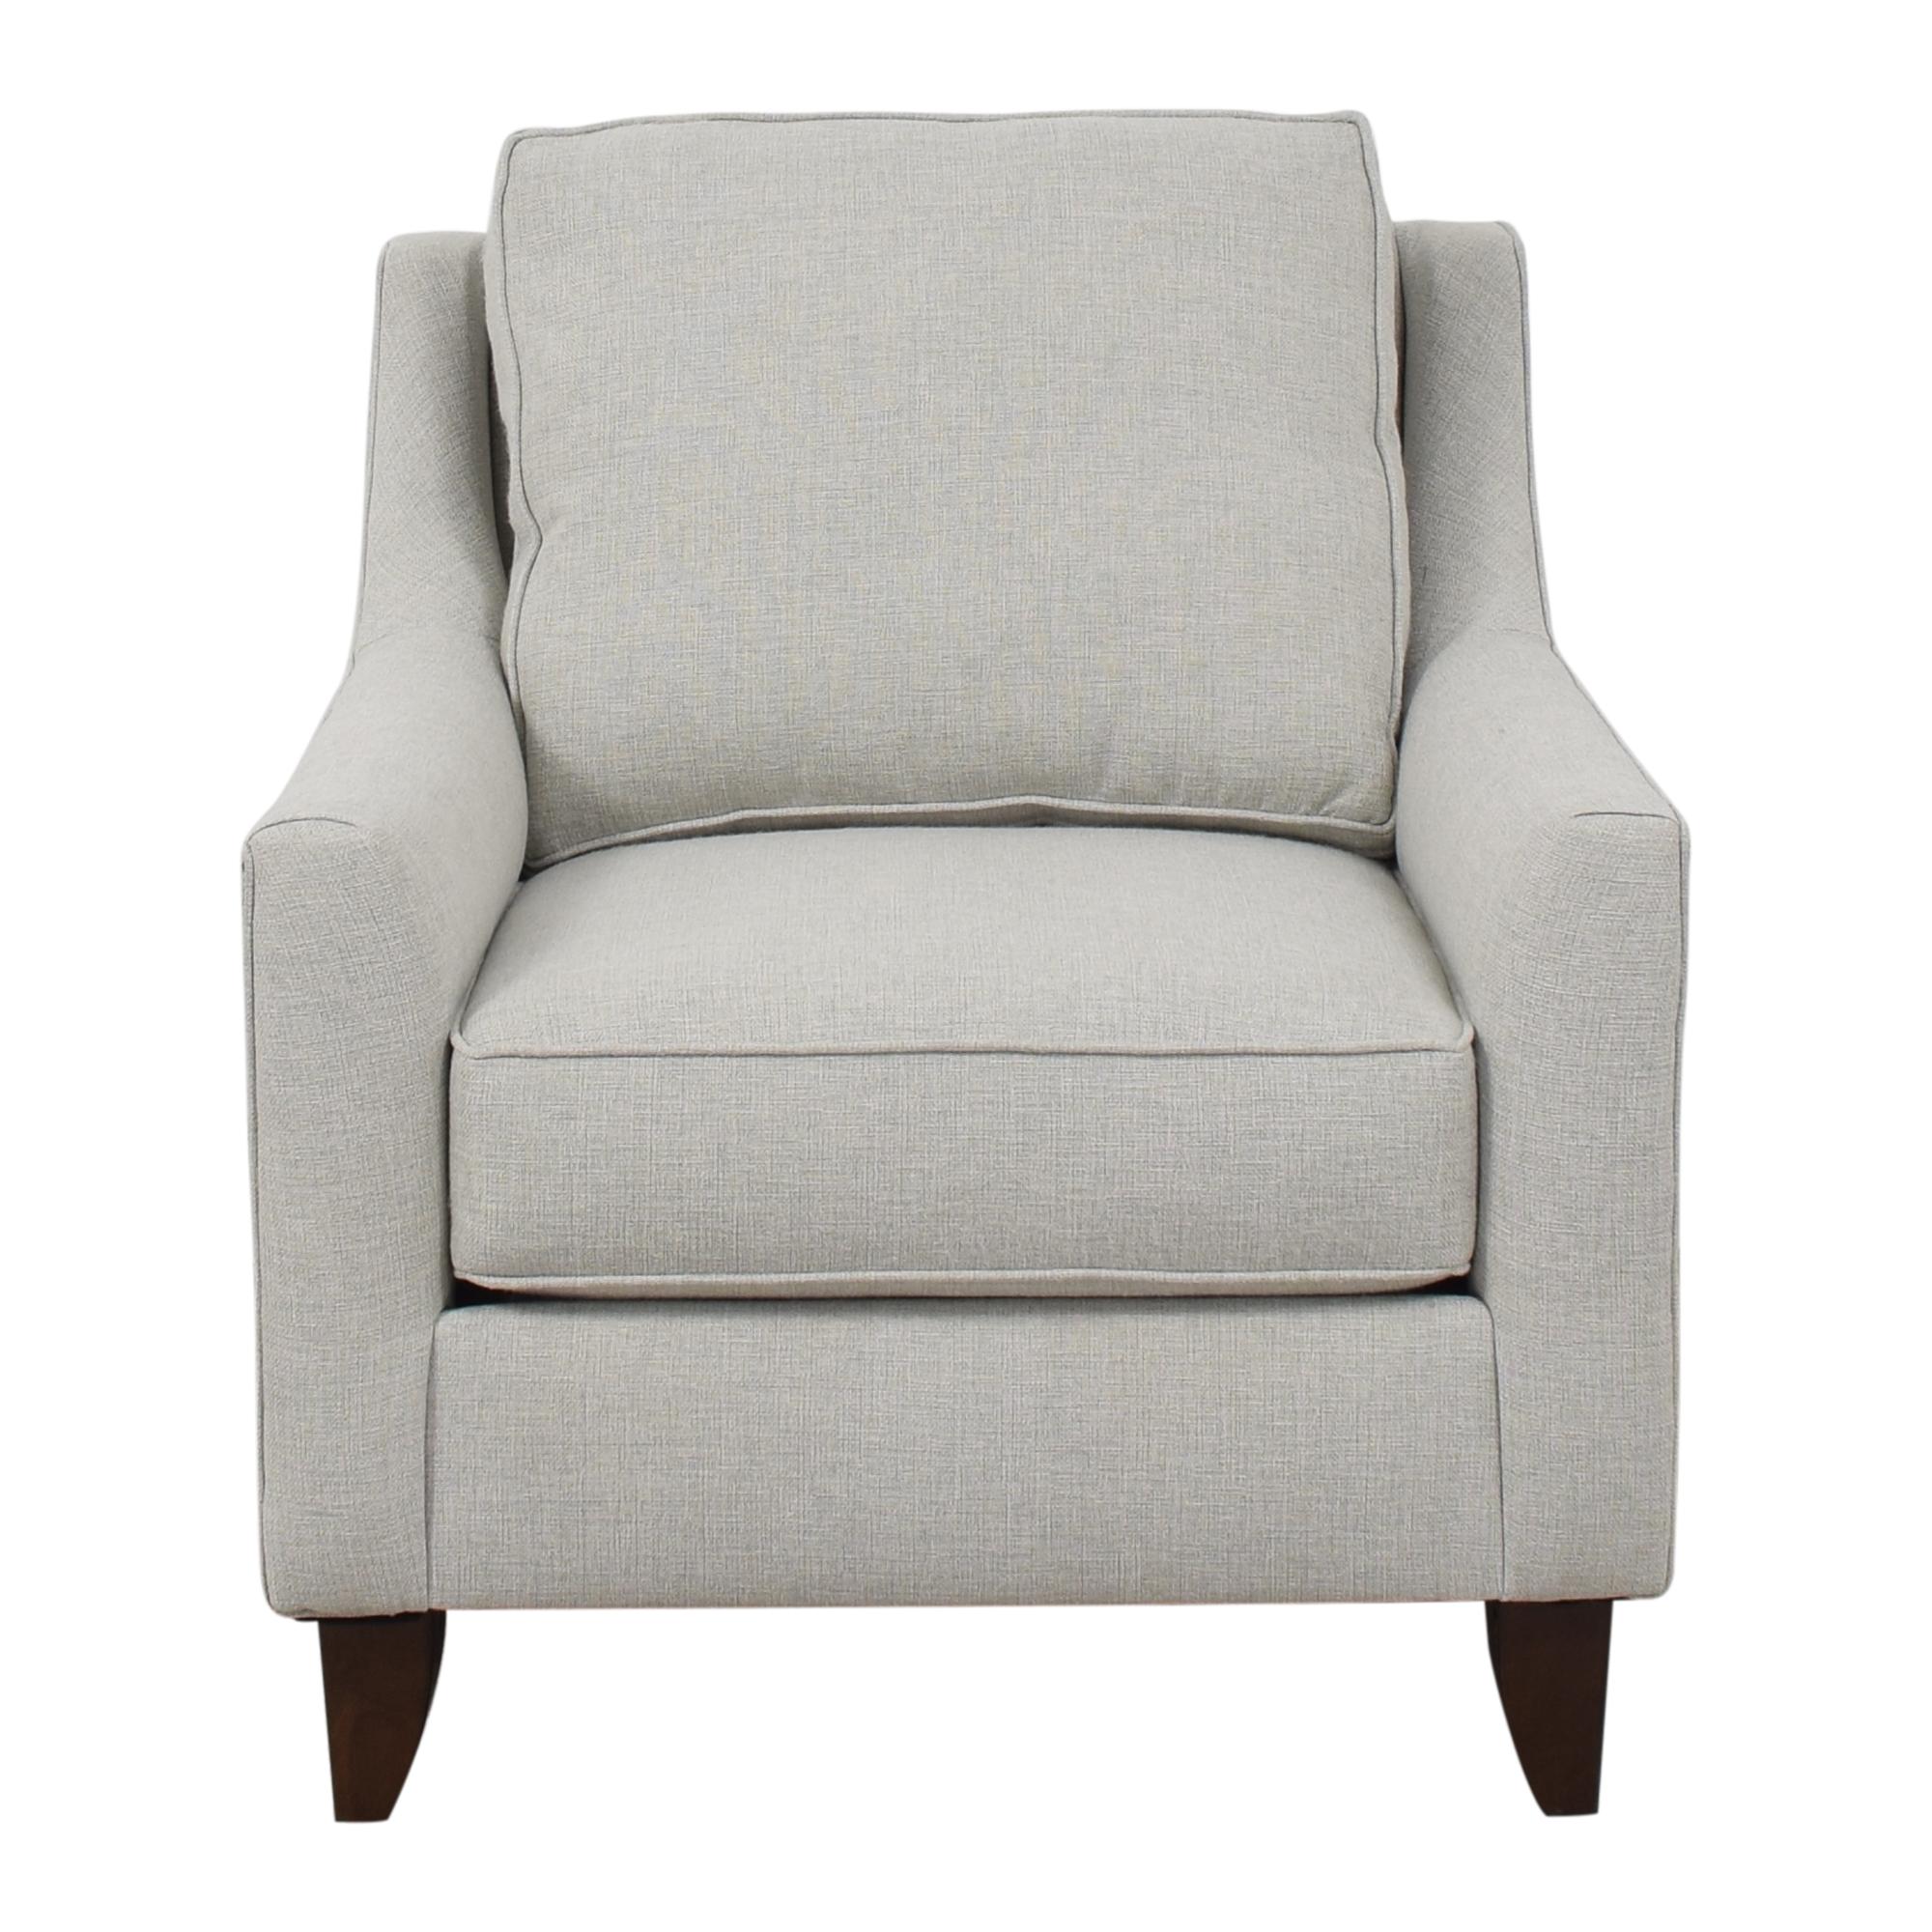 Wayfair Wayfair Custom Upholstery Armchair nyc